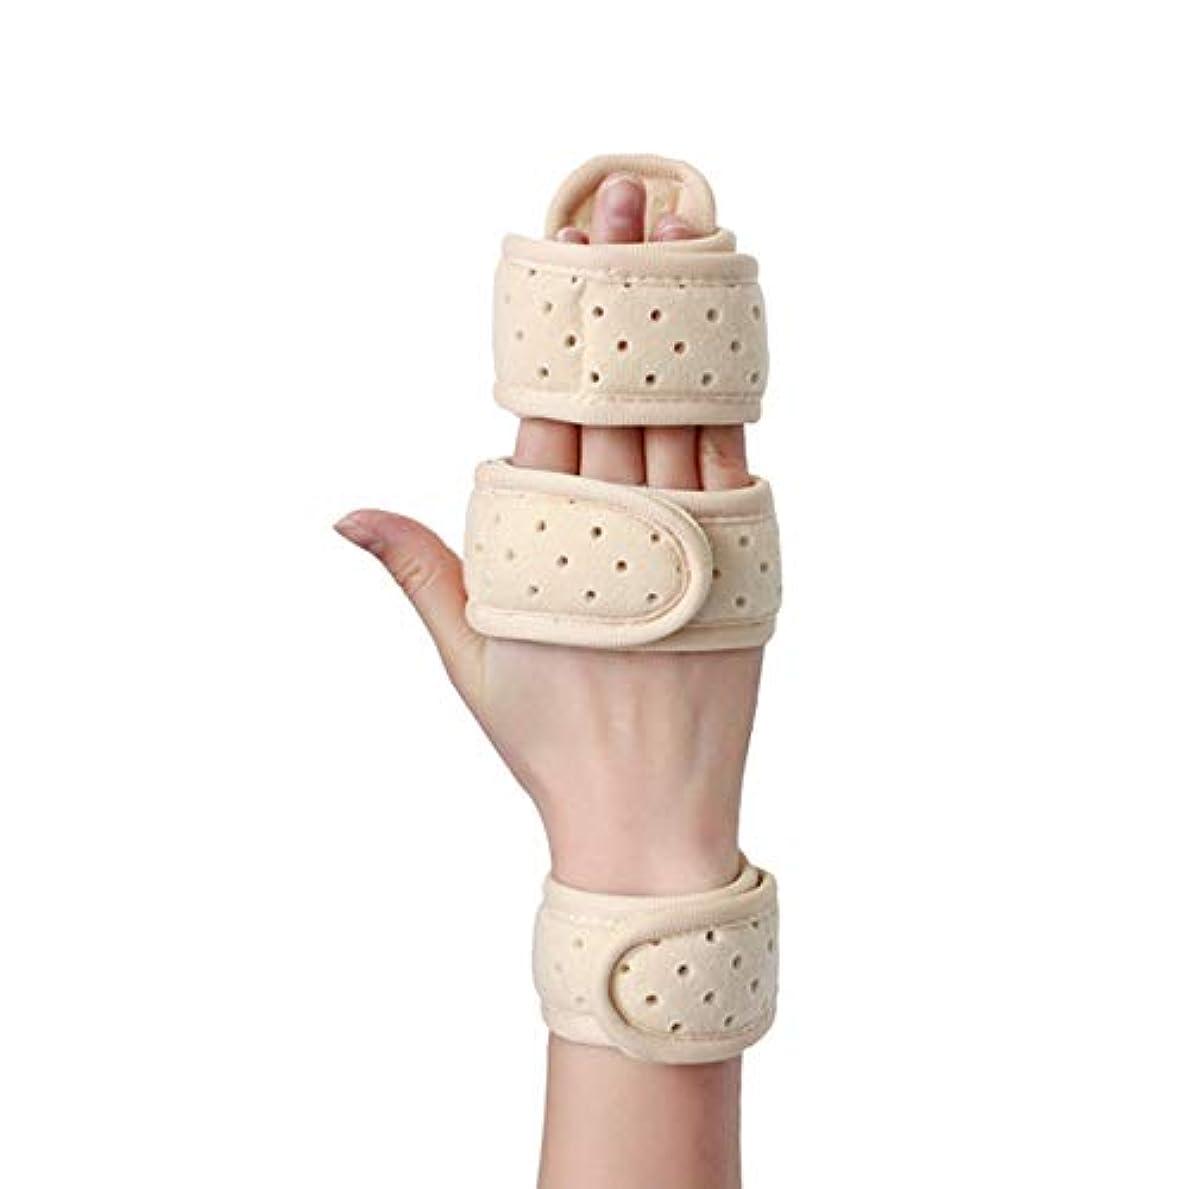 引き付ける修正スズメバチ手首装具、医療用リストバンド、関節炎および腱炎用の快適で調整可能な手首支持装具、痛みを軽減する手首圧迫ラップ